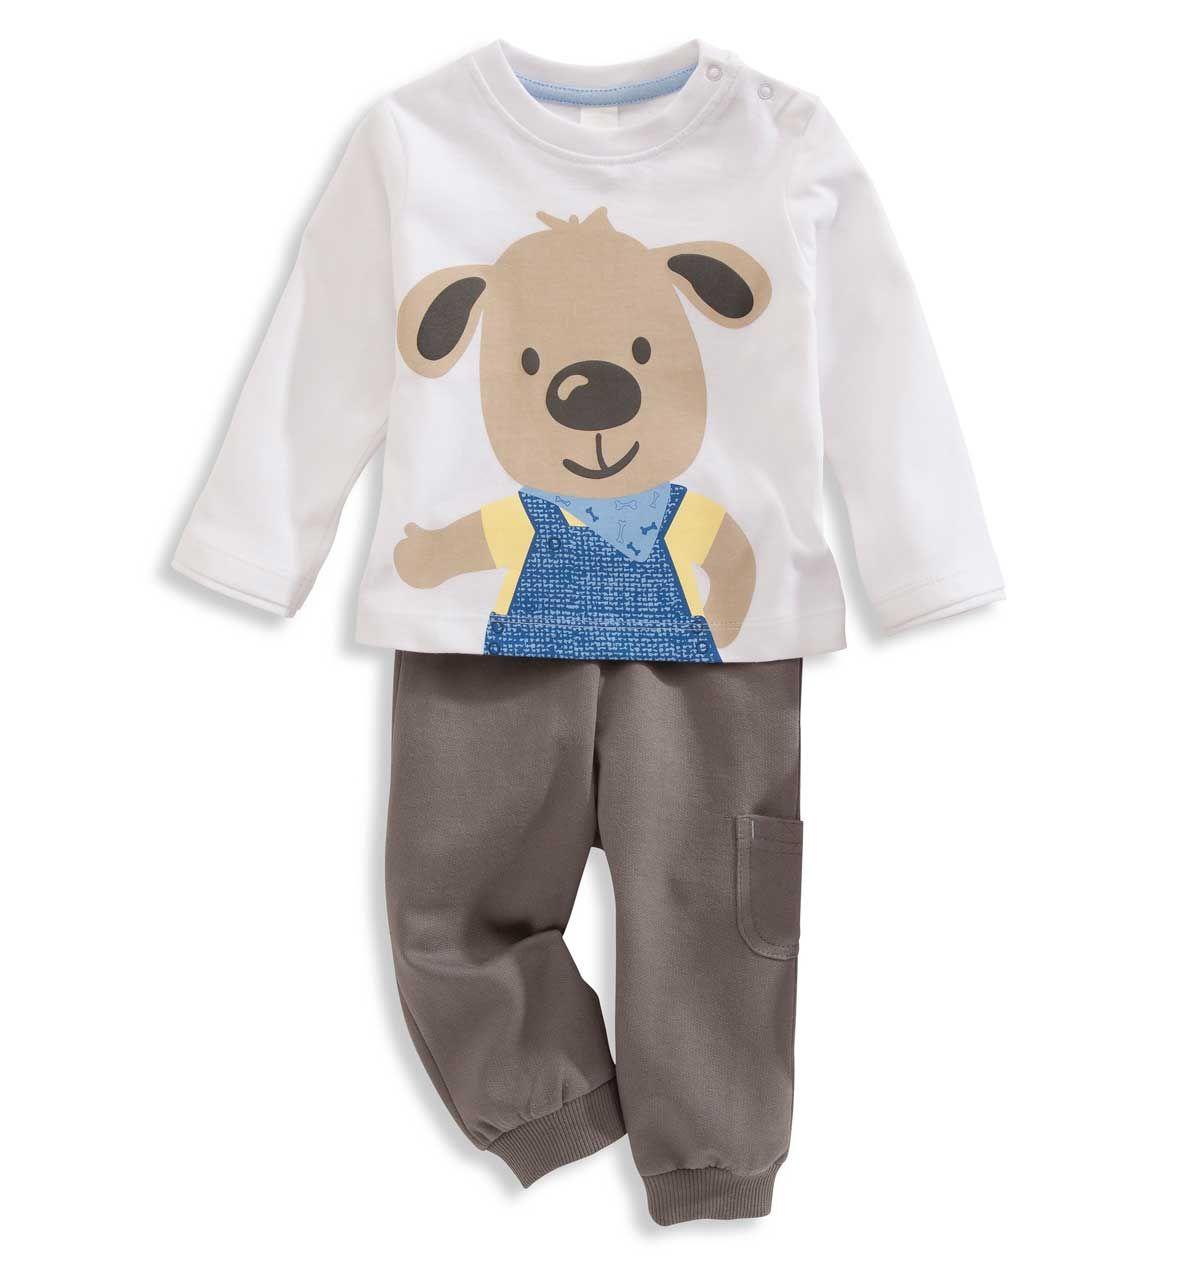 super popular precio favorable gran ajuste Bebés 0-2 años Conjuntos bebé en gris – los mejores precios ...